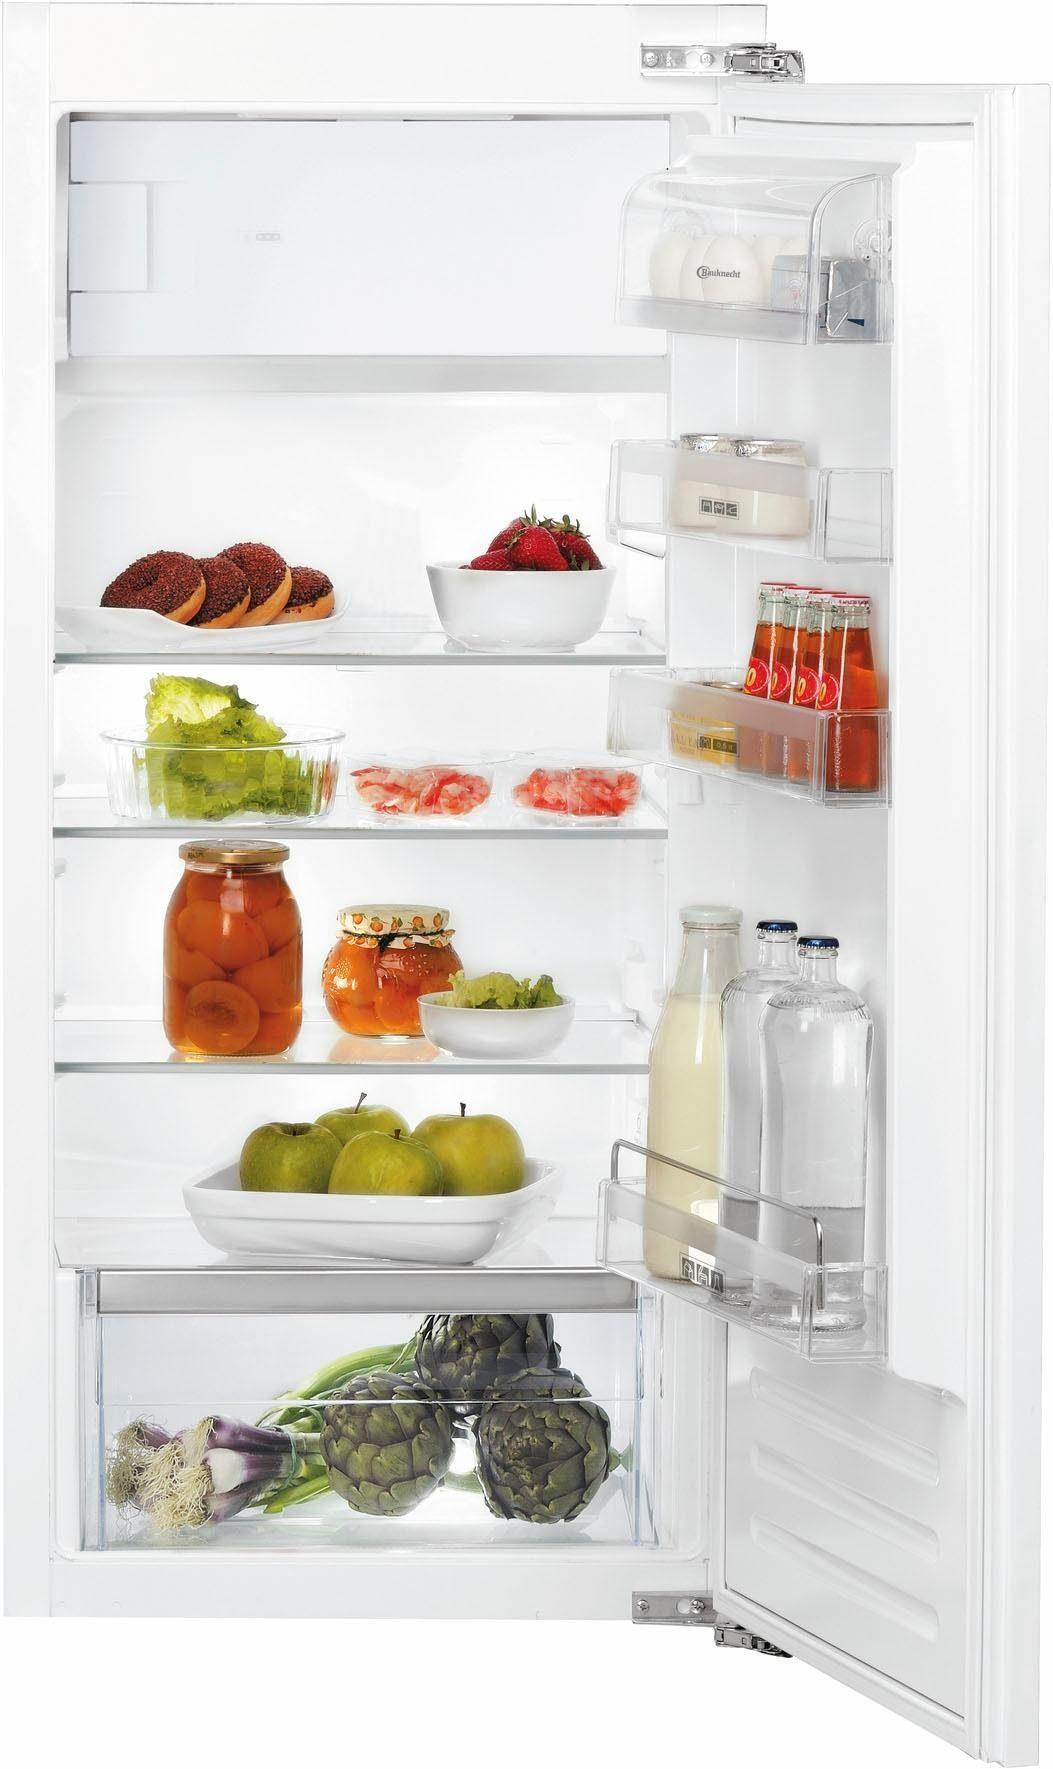 Bauknecht integrierbarerer Einbaukühlschrank mit Gefrierfach KVIE 2128, A++, 122 cm hoch